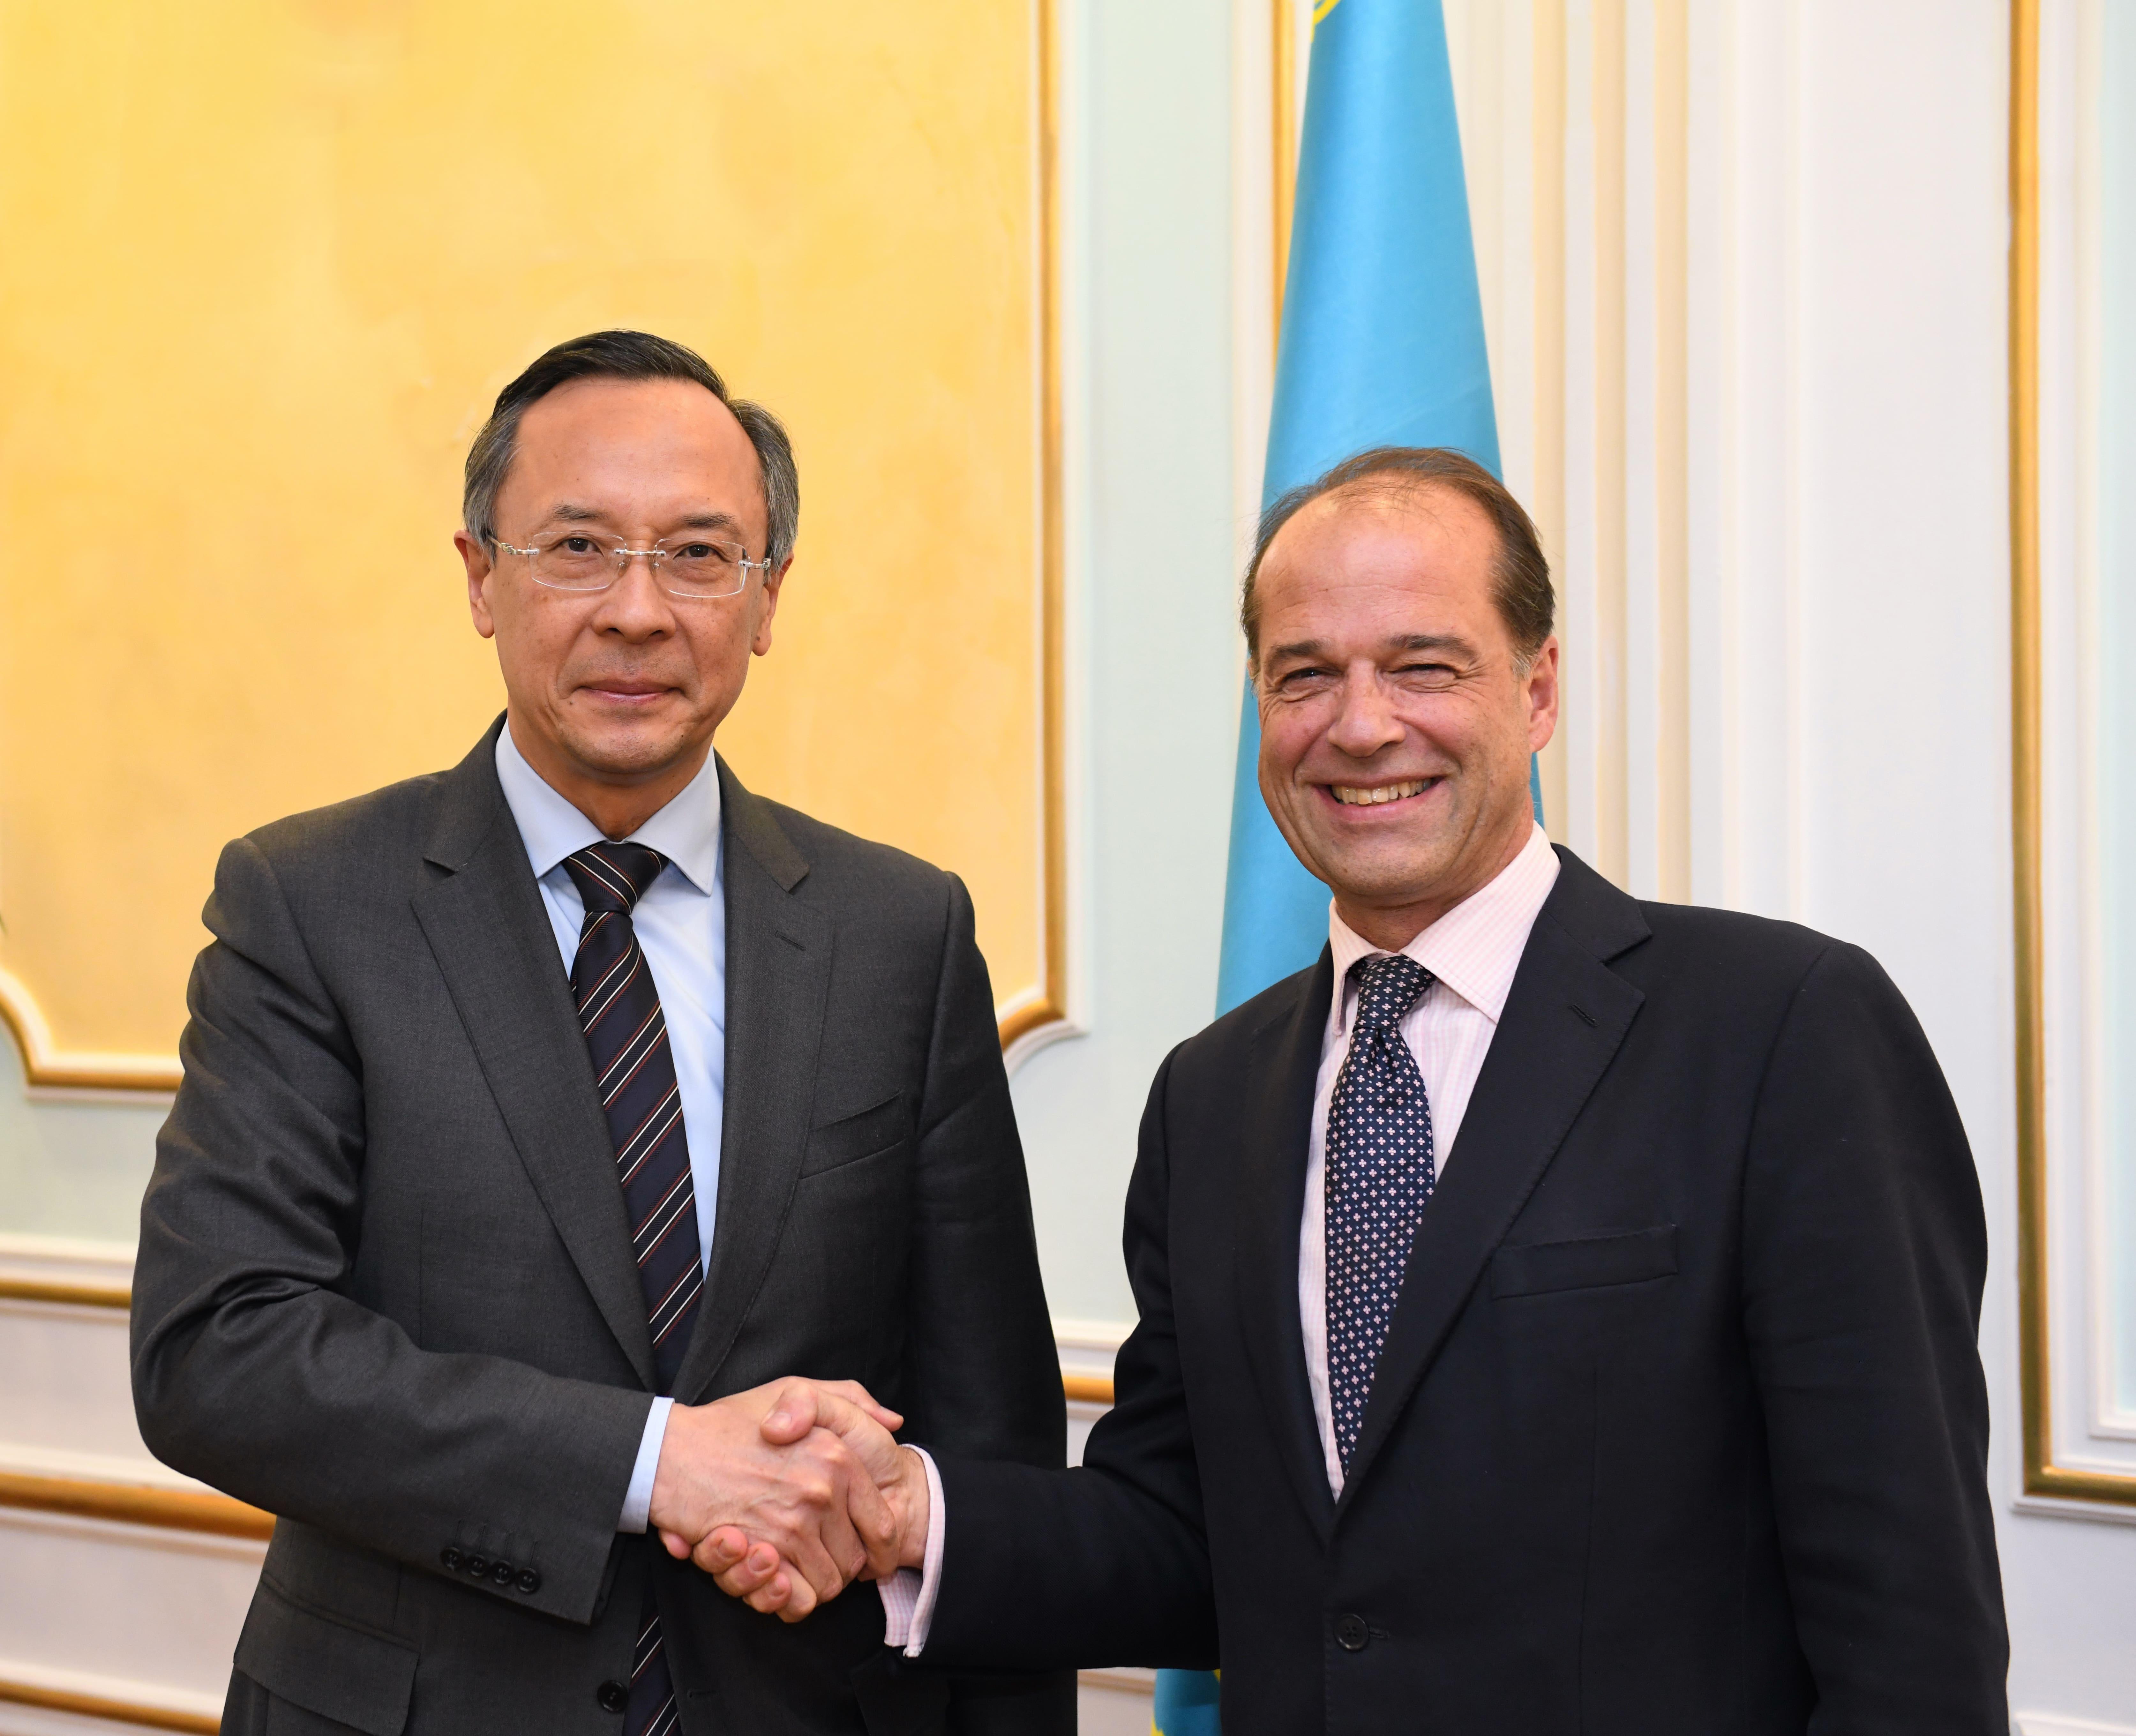 Казахстан и Великобритания намерены укреплять торгово-экономическое сотрудничество в высокотехнологических сферах